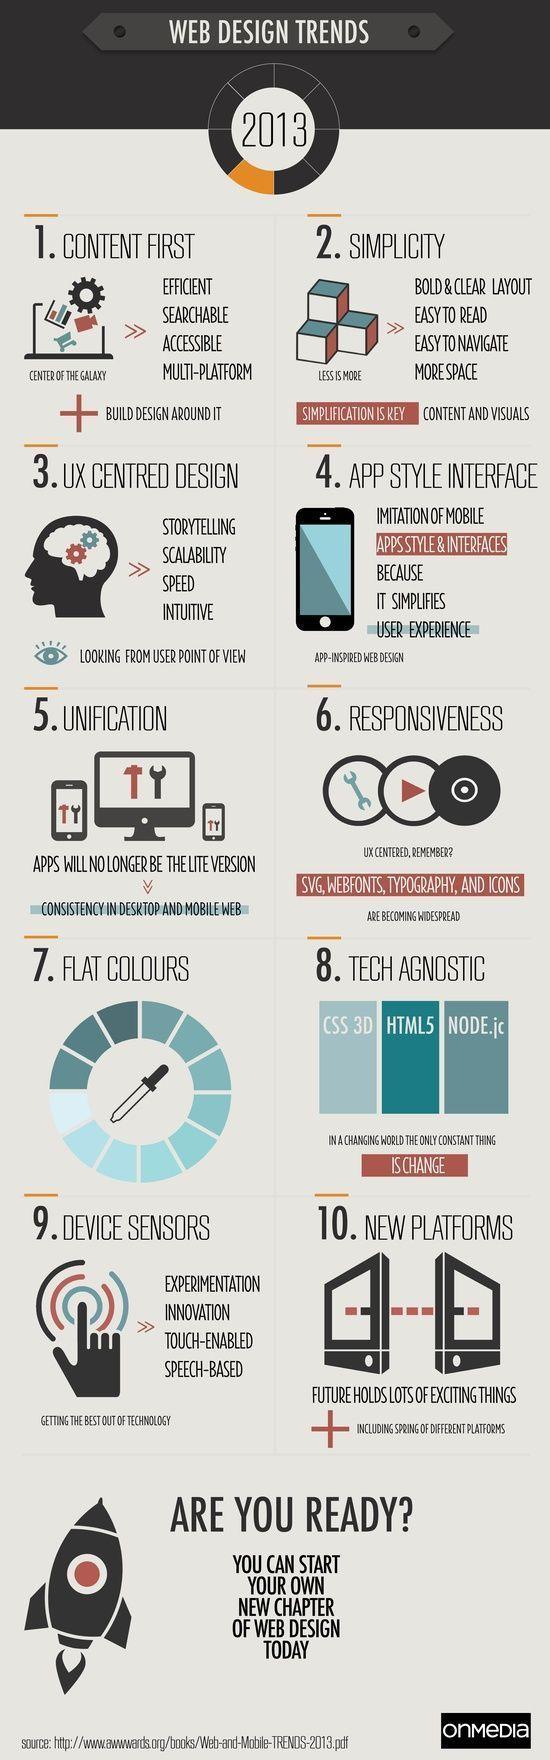 Web Design  -- Web Design Trends for 2013